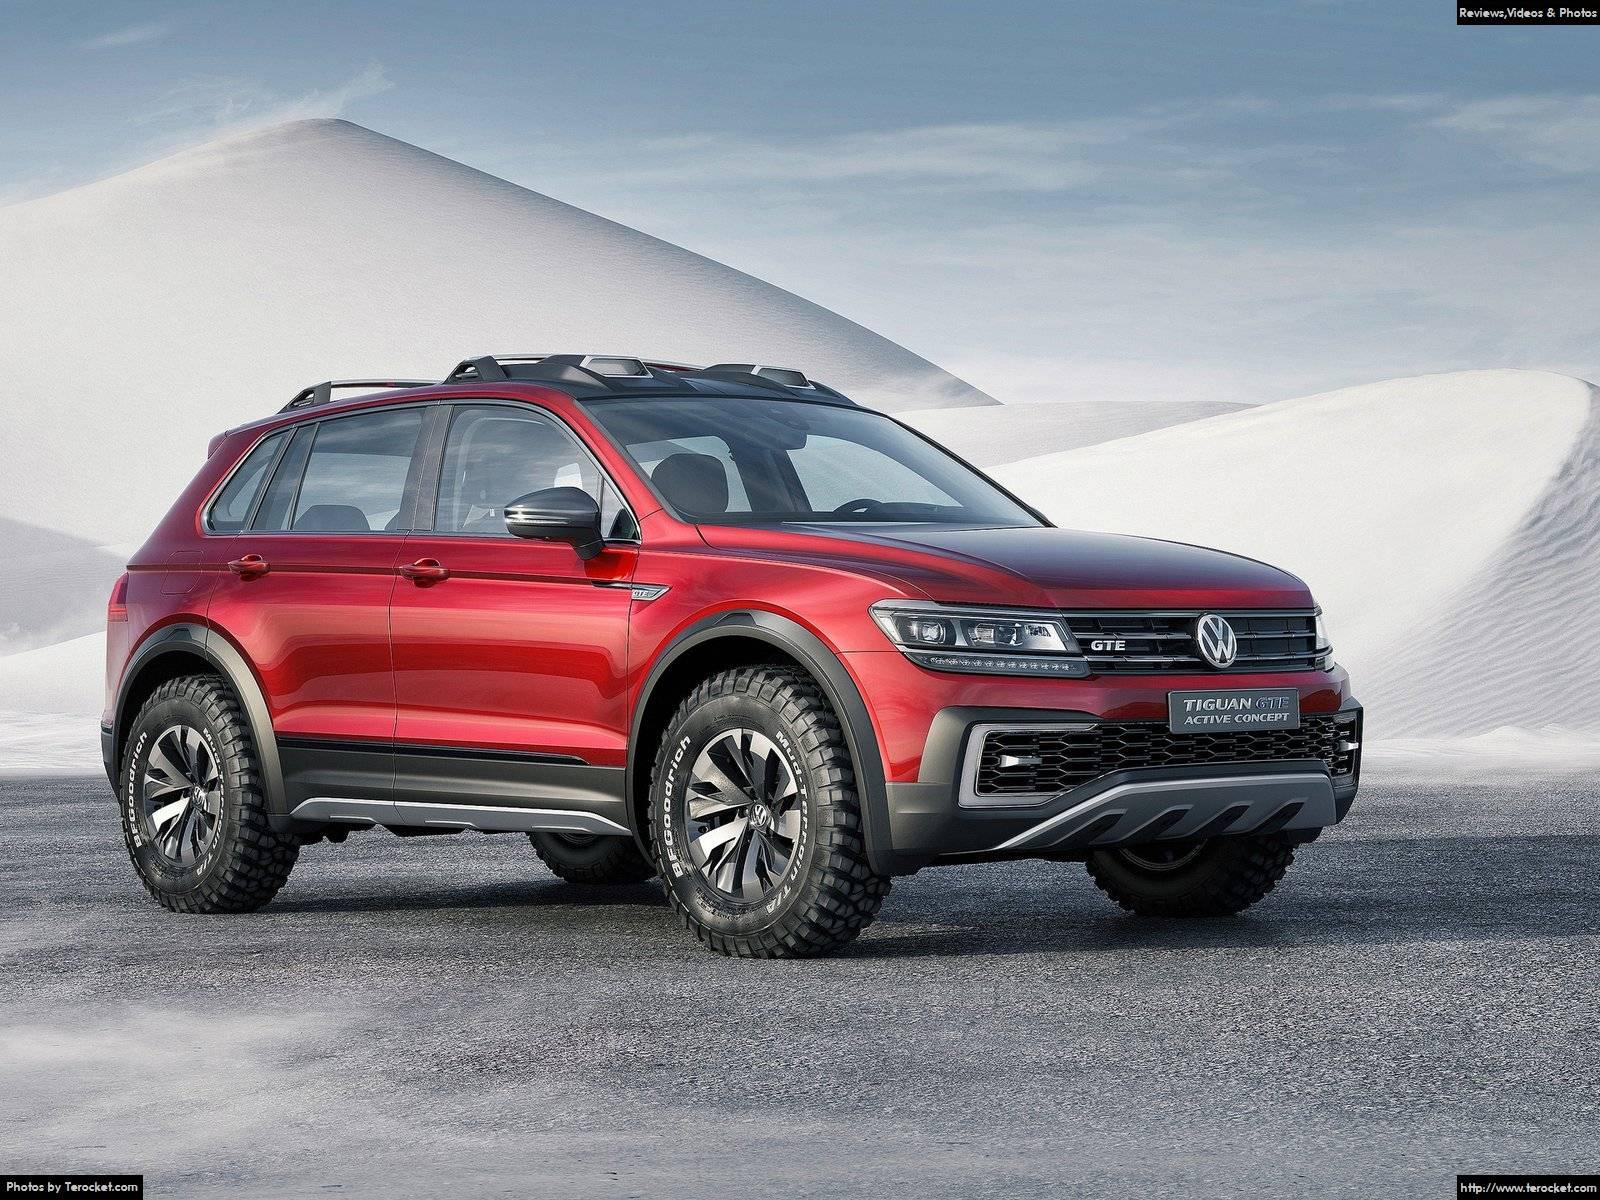 Hình ảnh xe ô tô Volkswagen Tiguan GTE Active Concept 2016 & nội ngoại thất